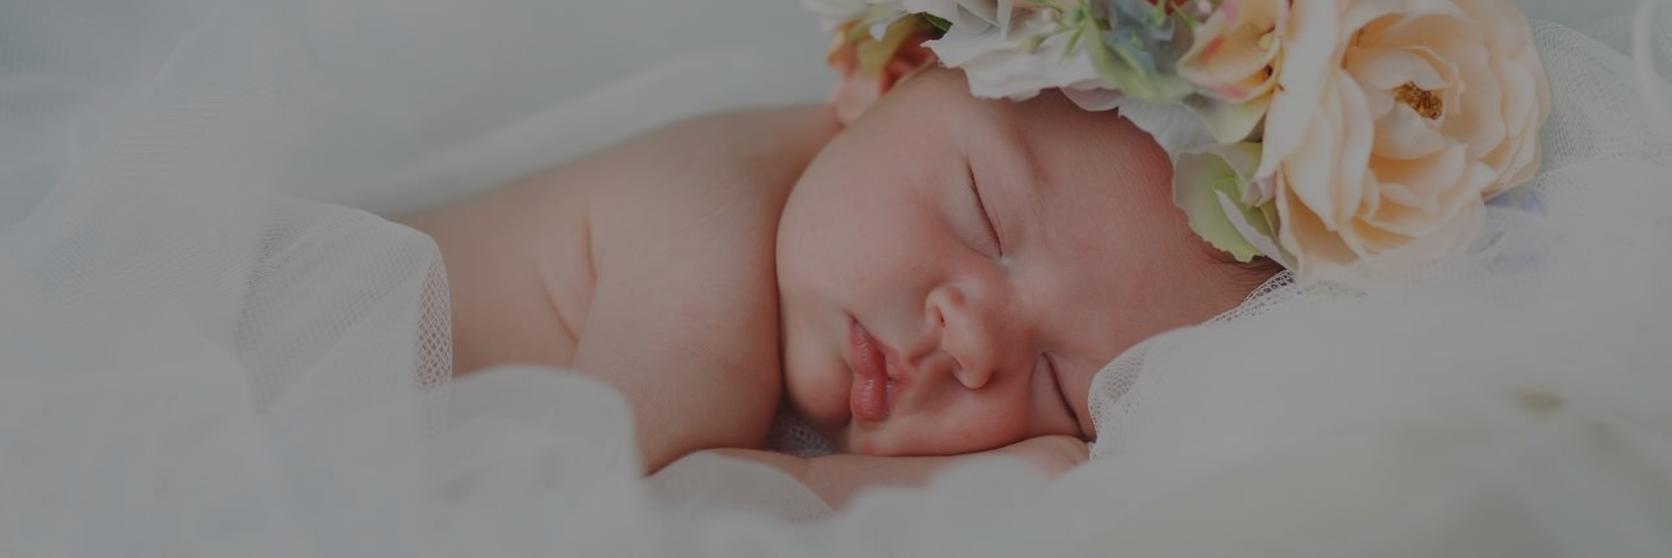 Baby-girl-with-flower-headdressv2